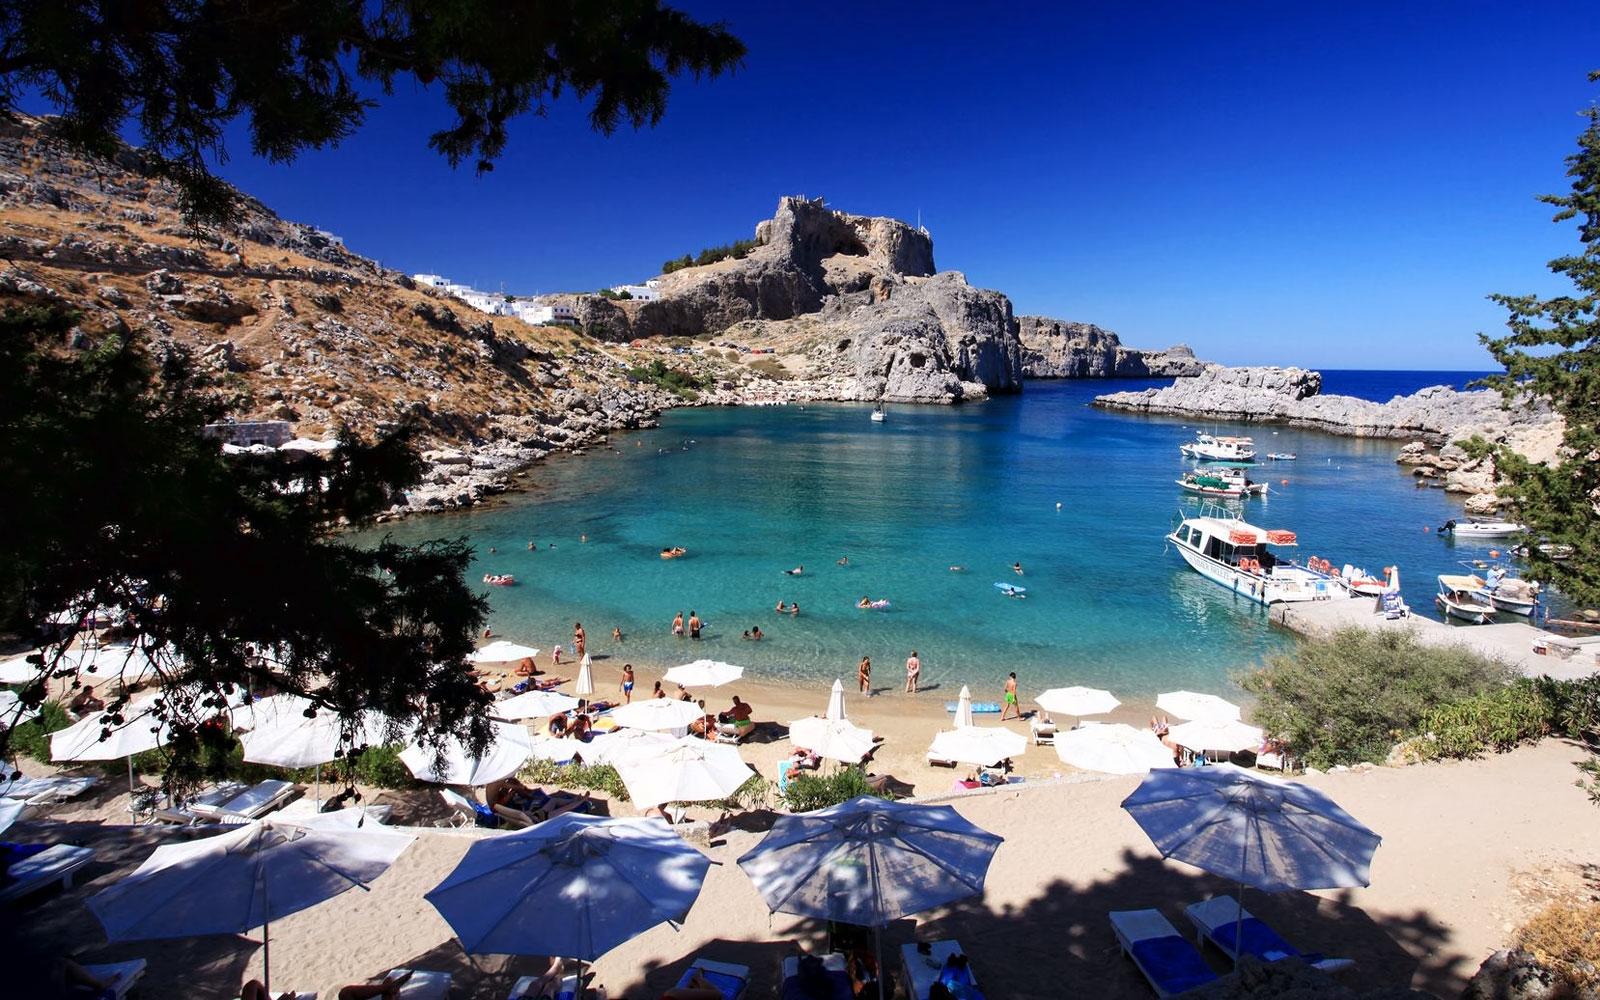 St. Paul's Bay: пляж, мороженое и английский язык на Мальте